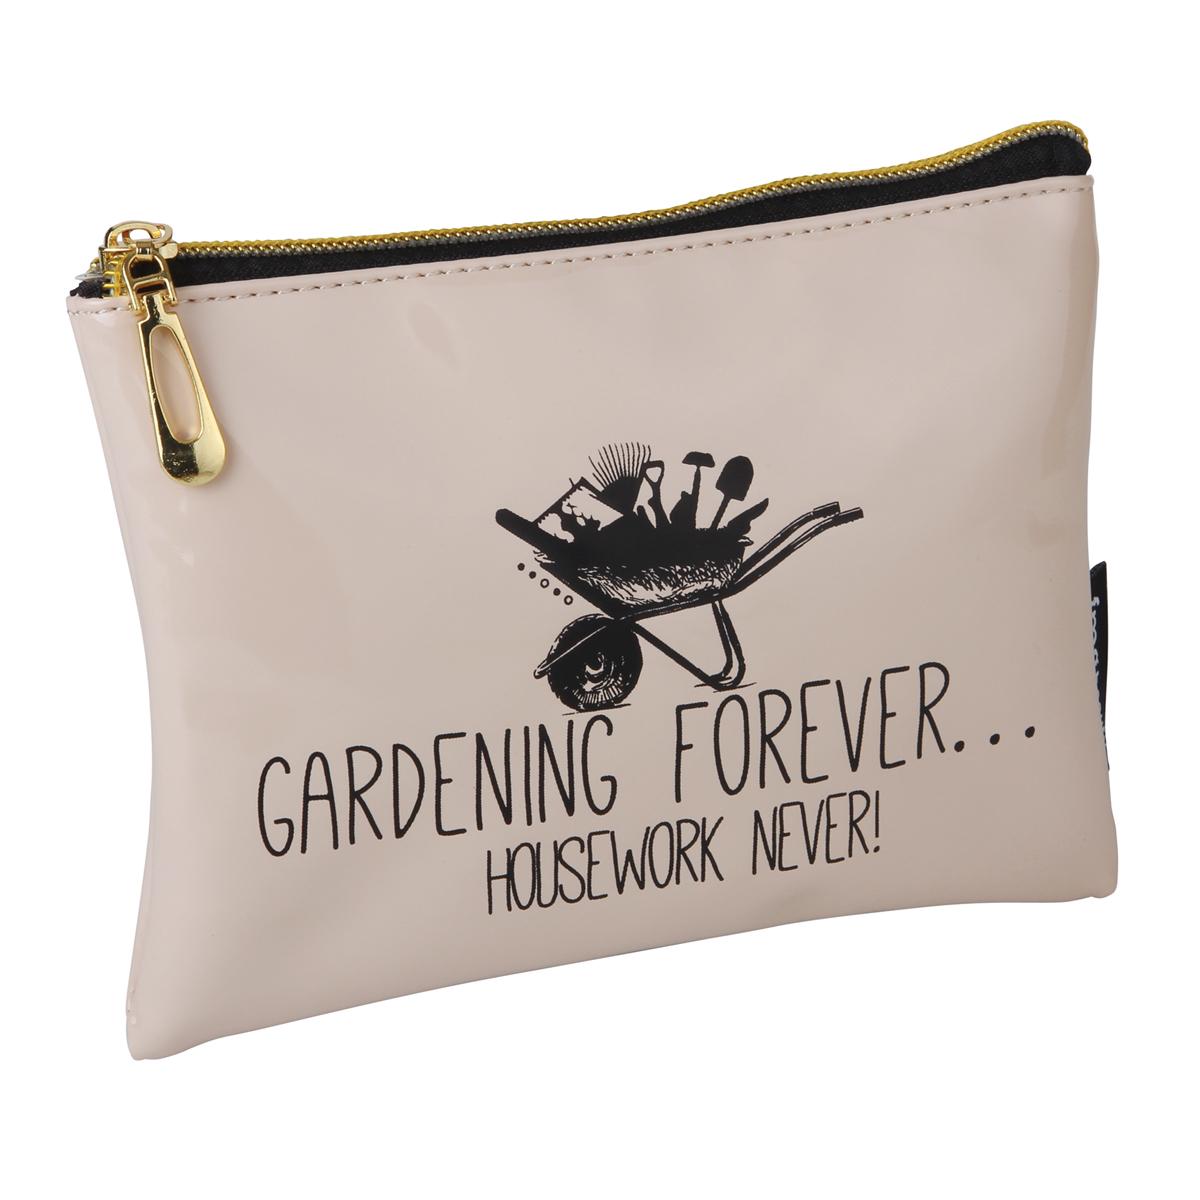 B2065 - Gardening Forever' Makeup Bag - B2065